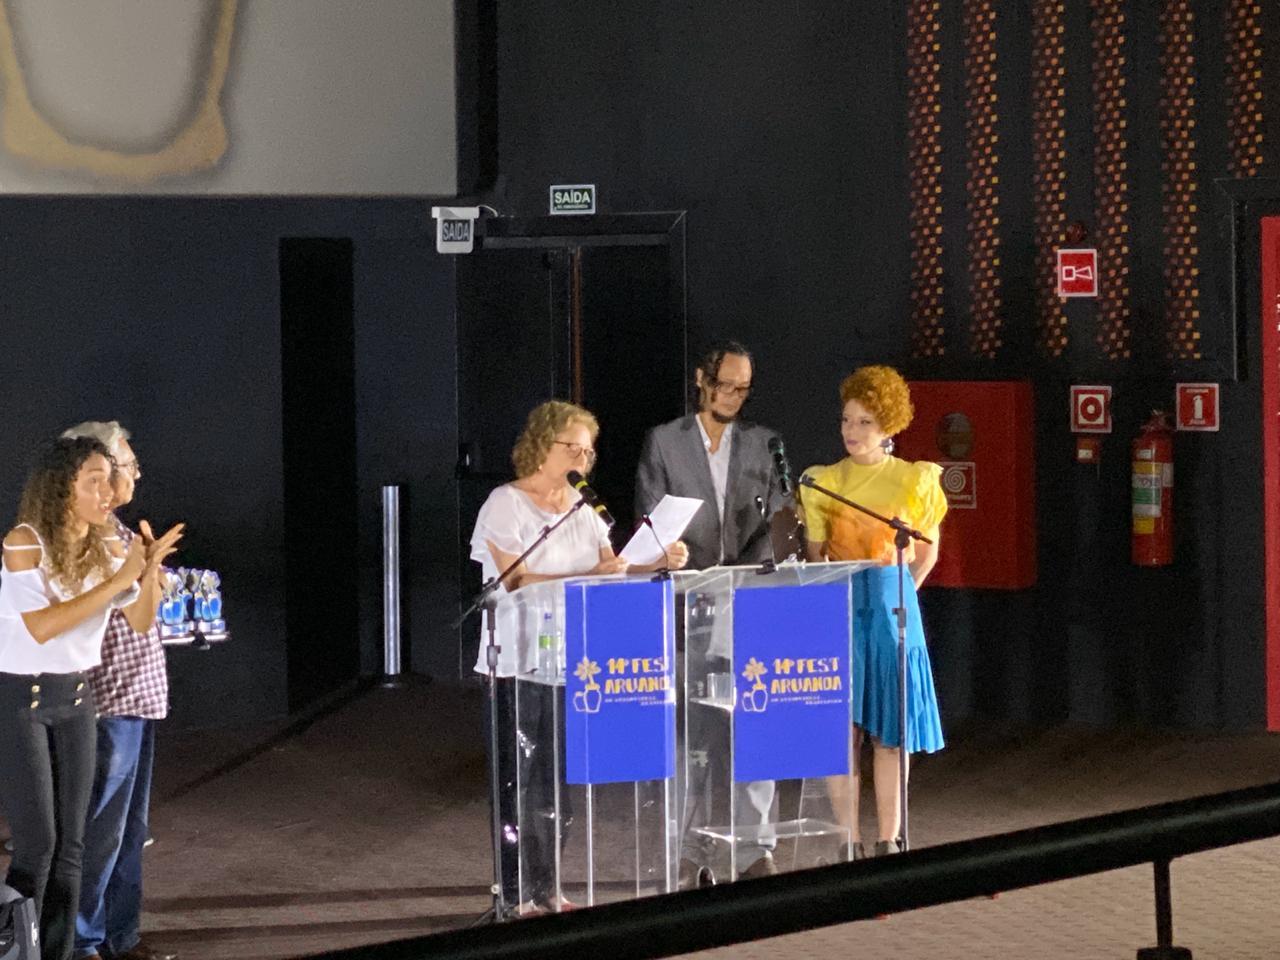 WhatsApp Image 2019 12 04 at 20.54.30 - 14 Fest Aruanda homenageia Sivuca e critica censura ao cinema brasileiro: 'política de estado que opta pela asfixia do setor cultural' - VEJA VÍDEOS